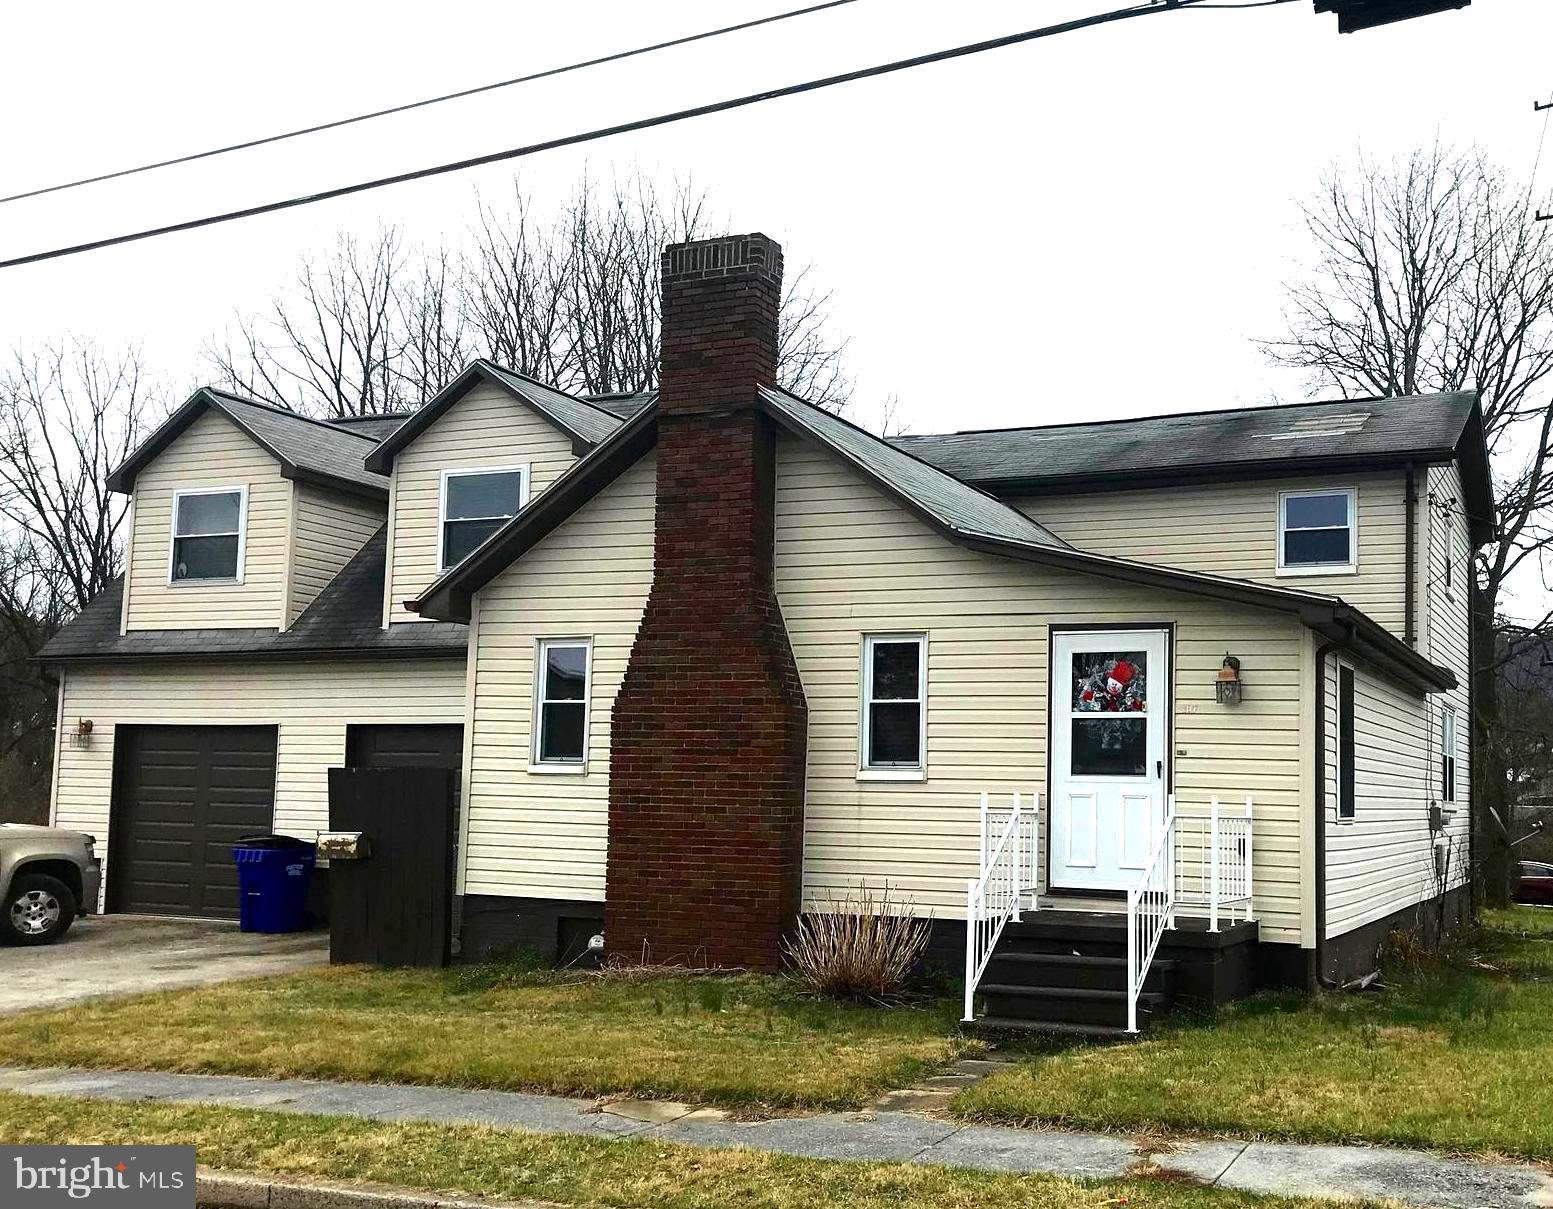 107 DAVIDSON STREET, BEDFORD, PA 15522